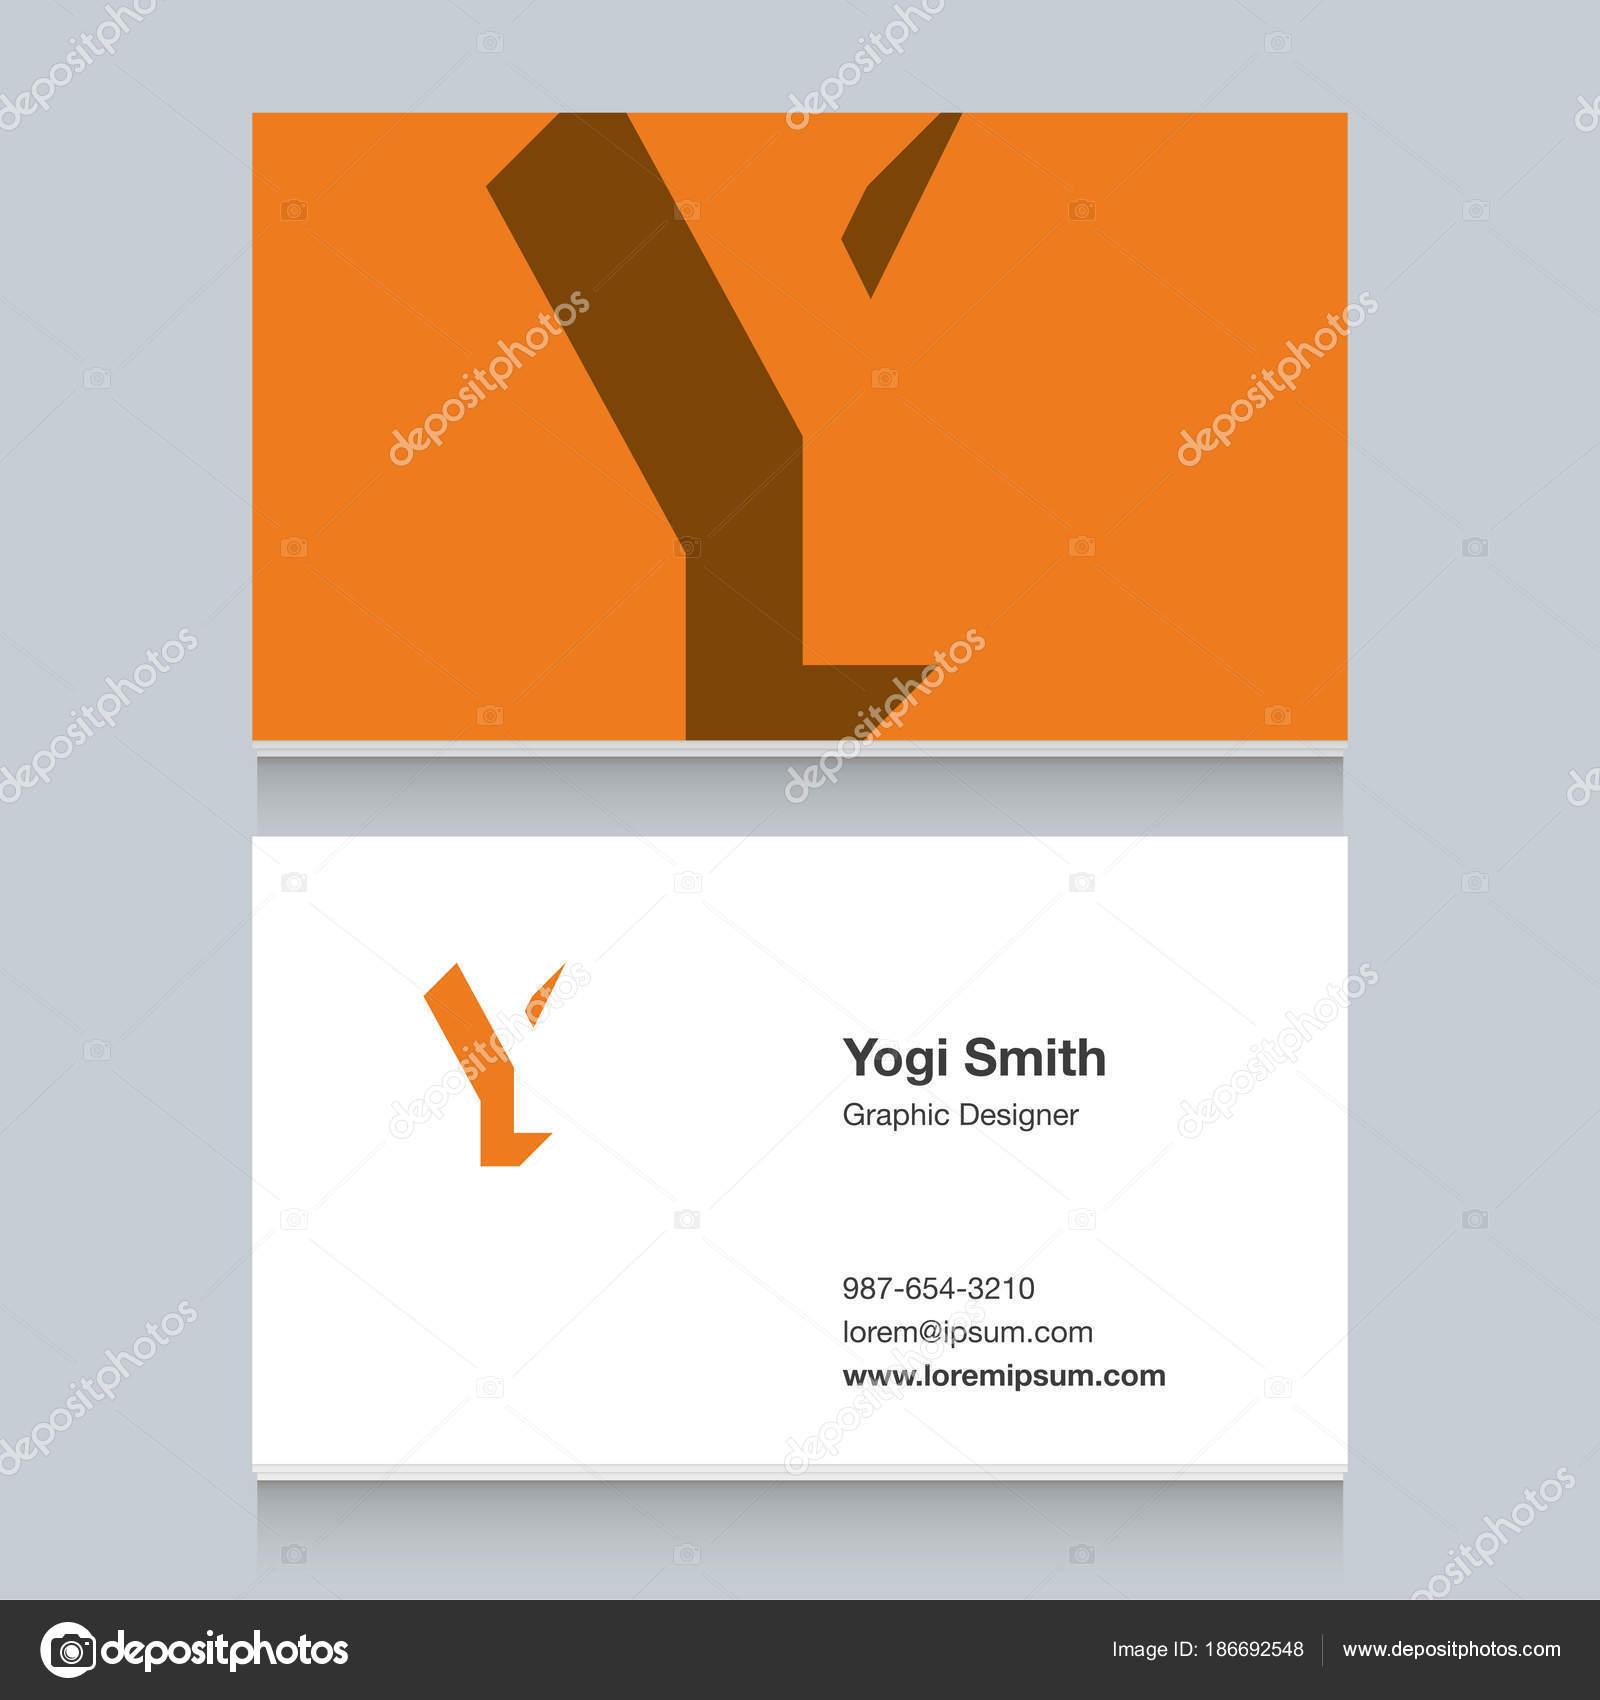 Lettre Alphabet Logo Avec Modle Carte Visite Lments Graphisme Vectoriel Image Vectorielle